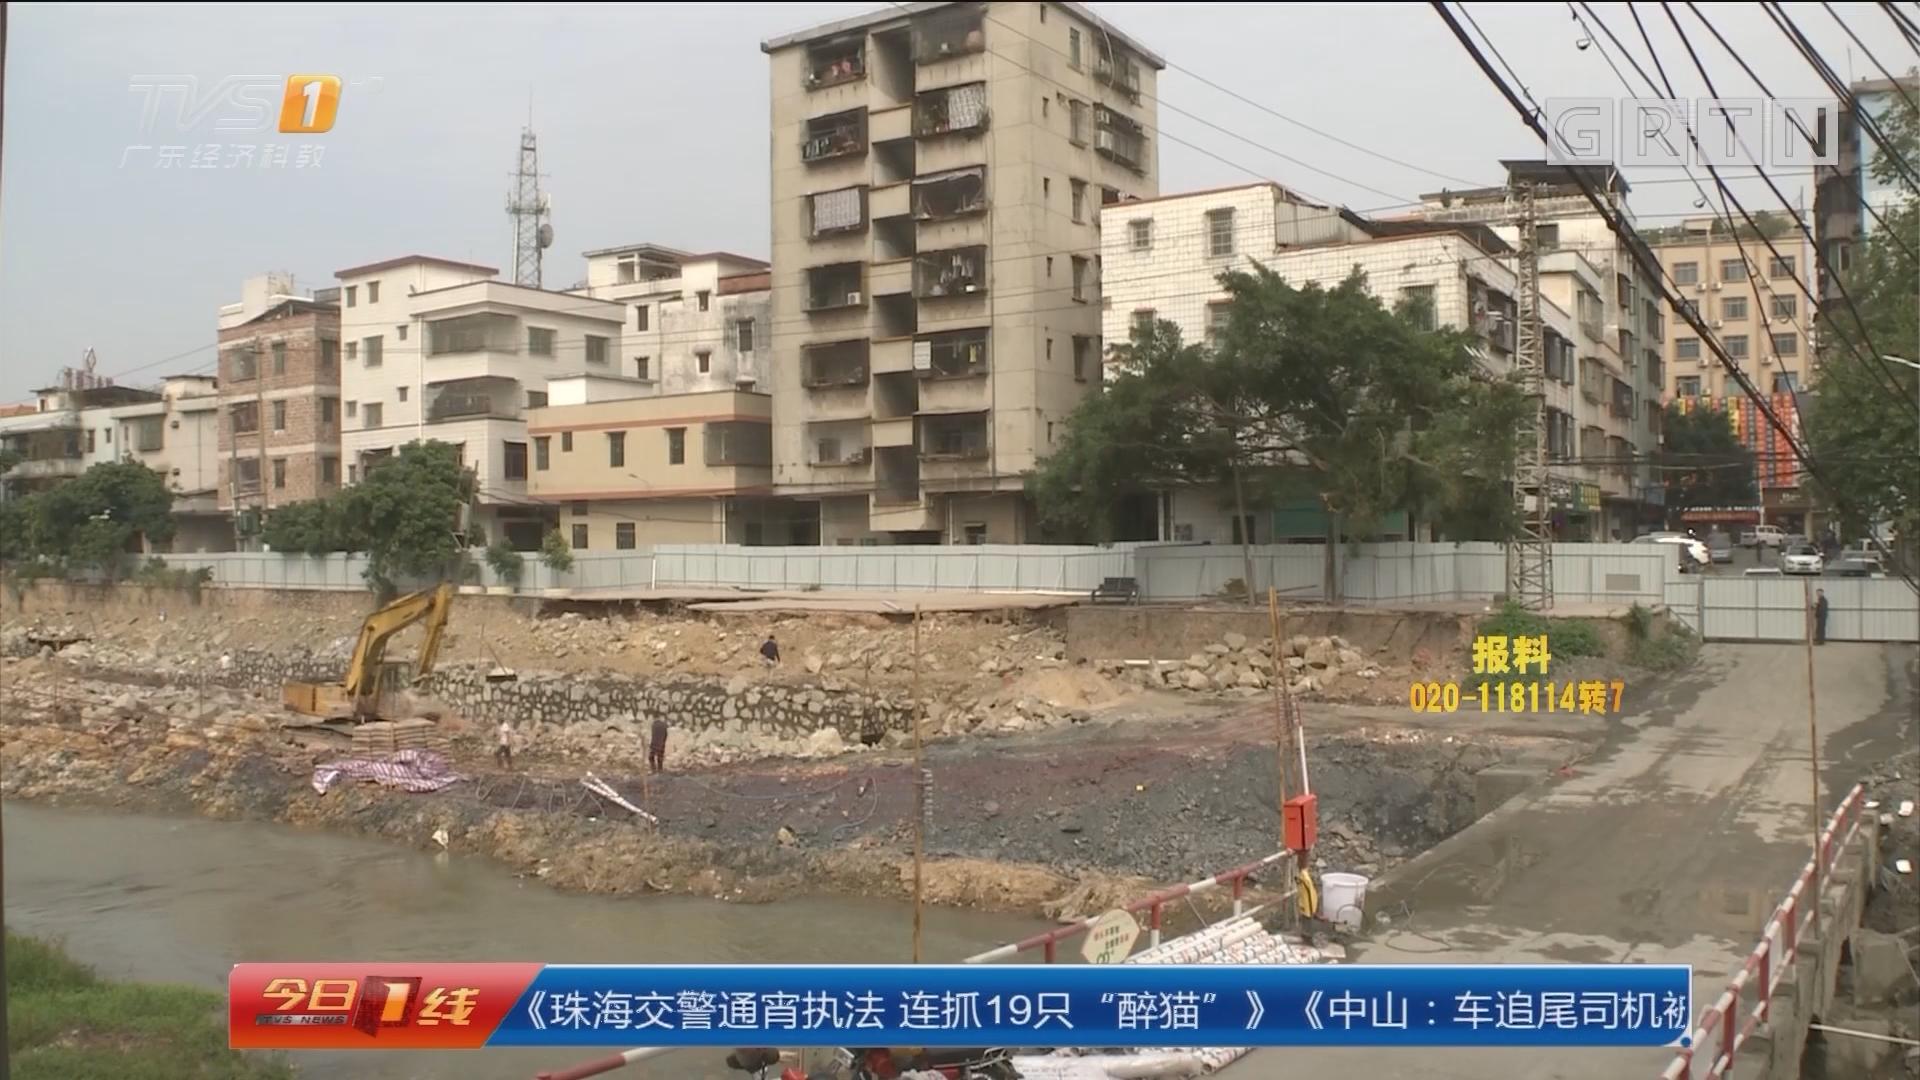 清远清城路面坍塌事件 镇政府最新通报:疑水管爆裂所致